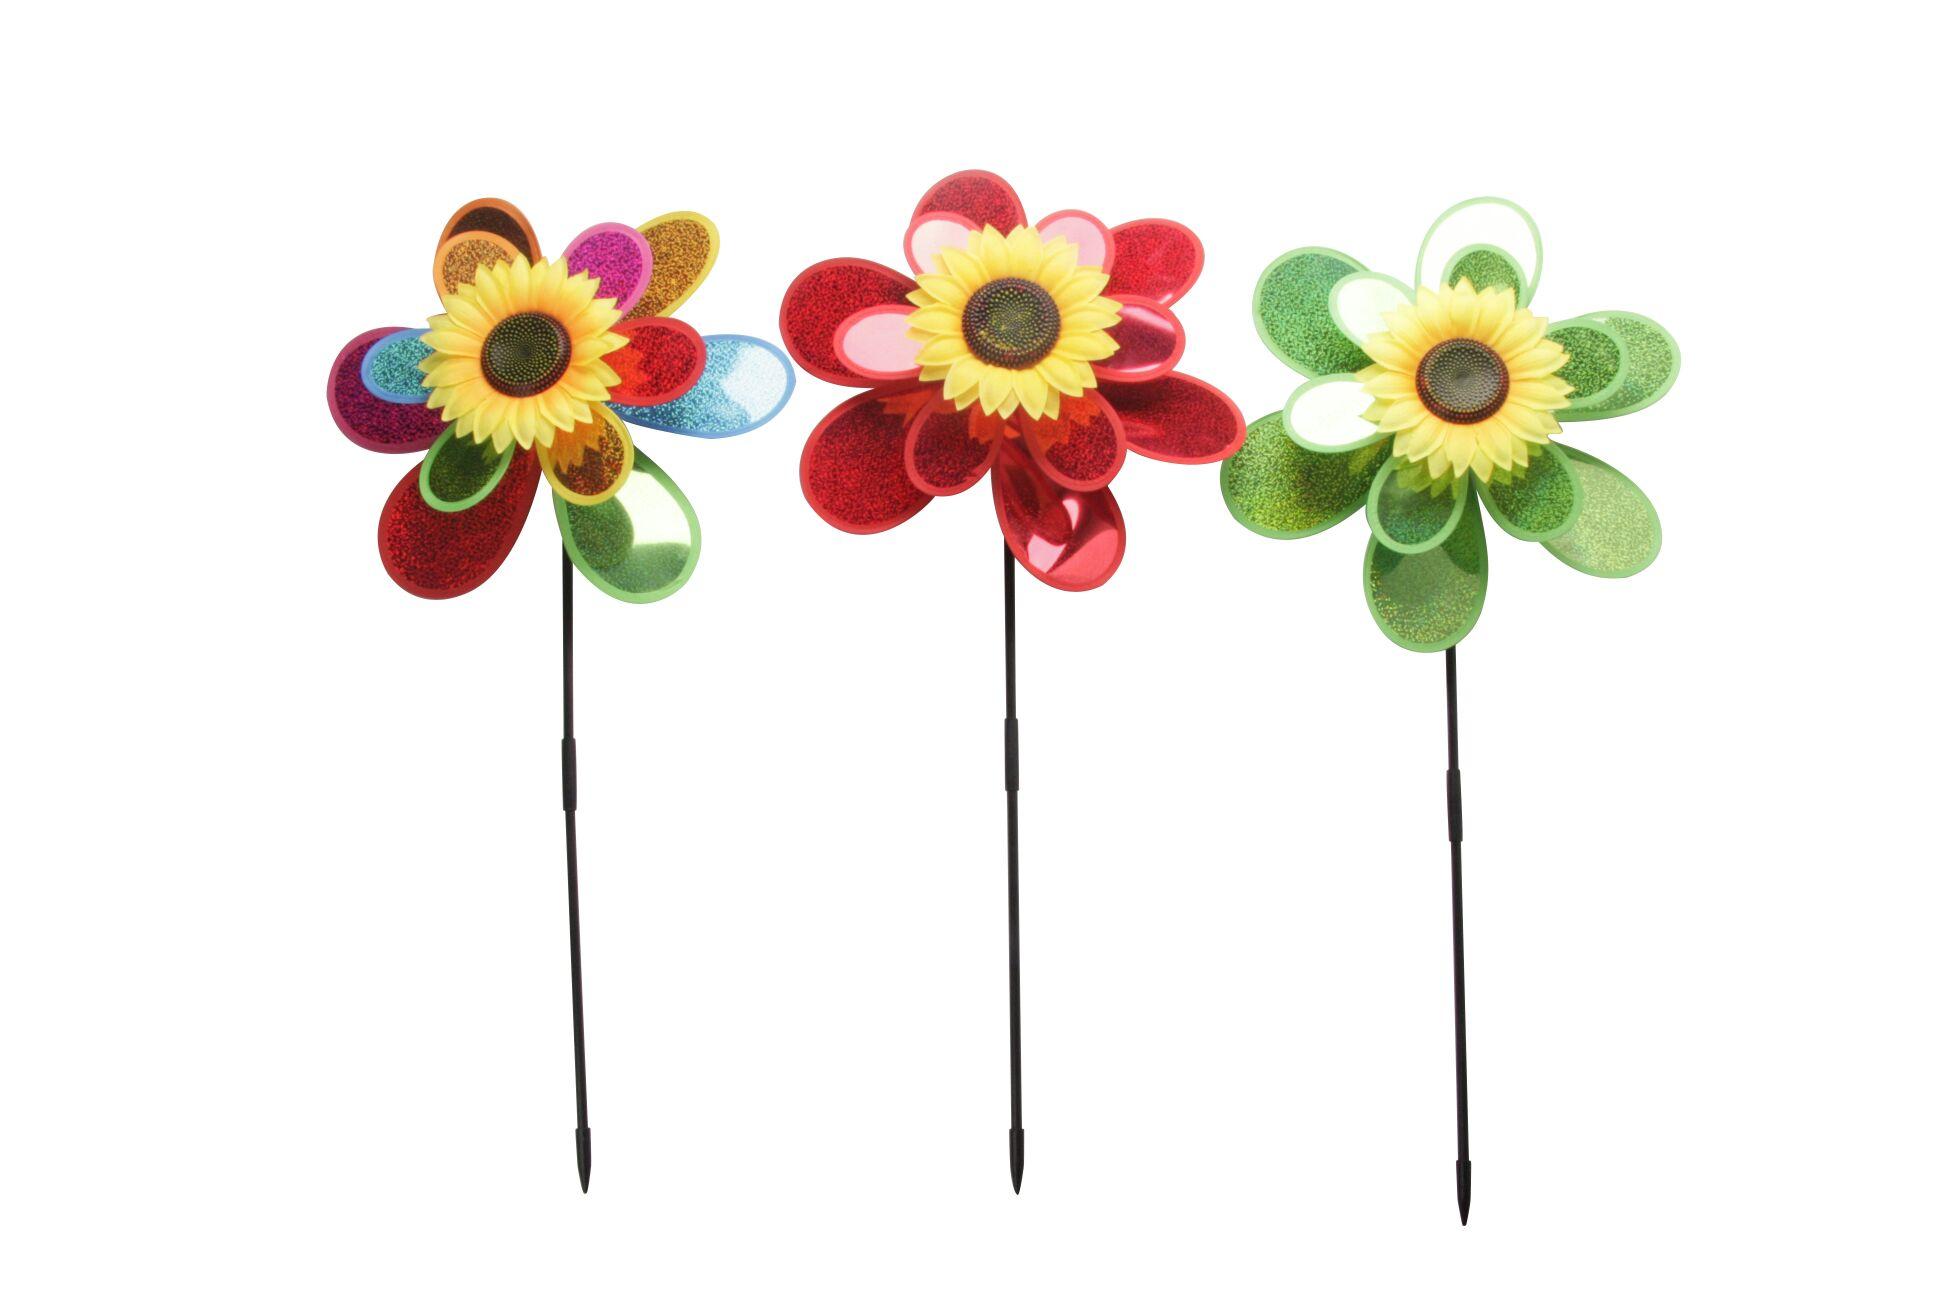 塑料风车 风车 风转 塑料玩具 儿童玩具 diy玩具 3层凤转 太阳花